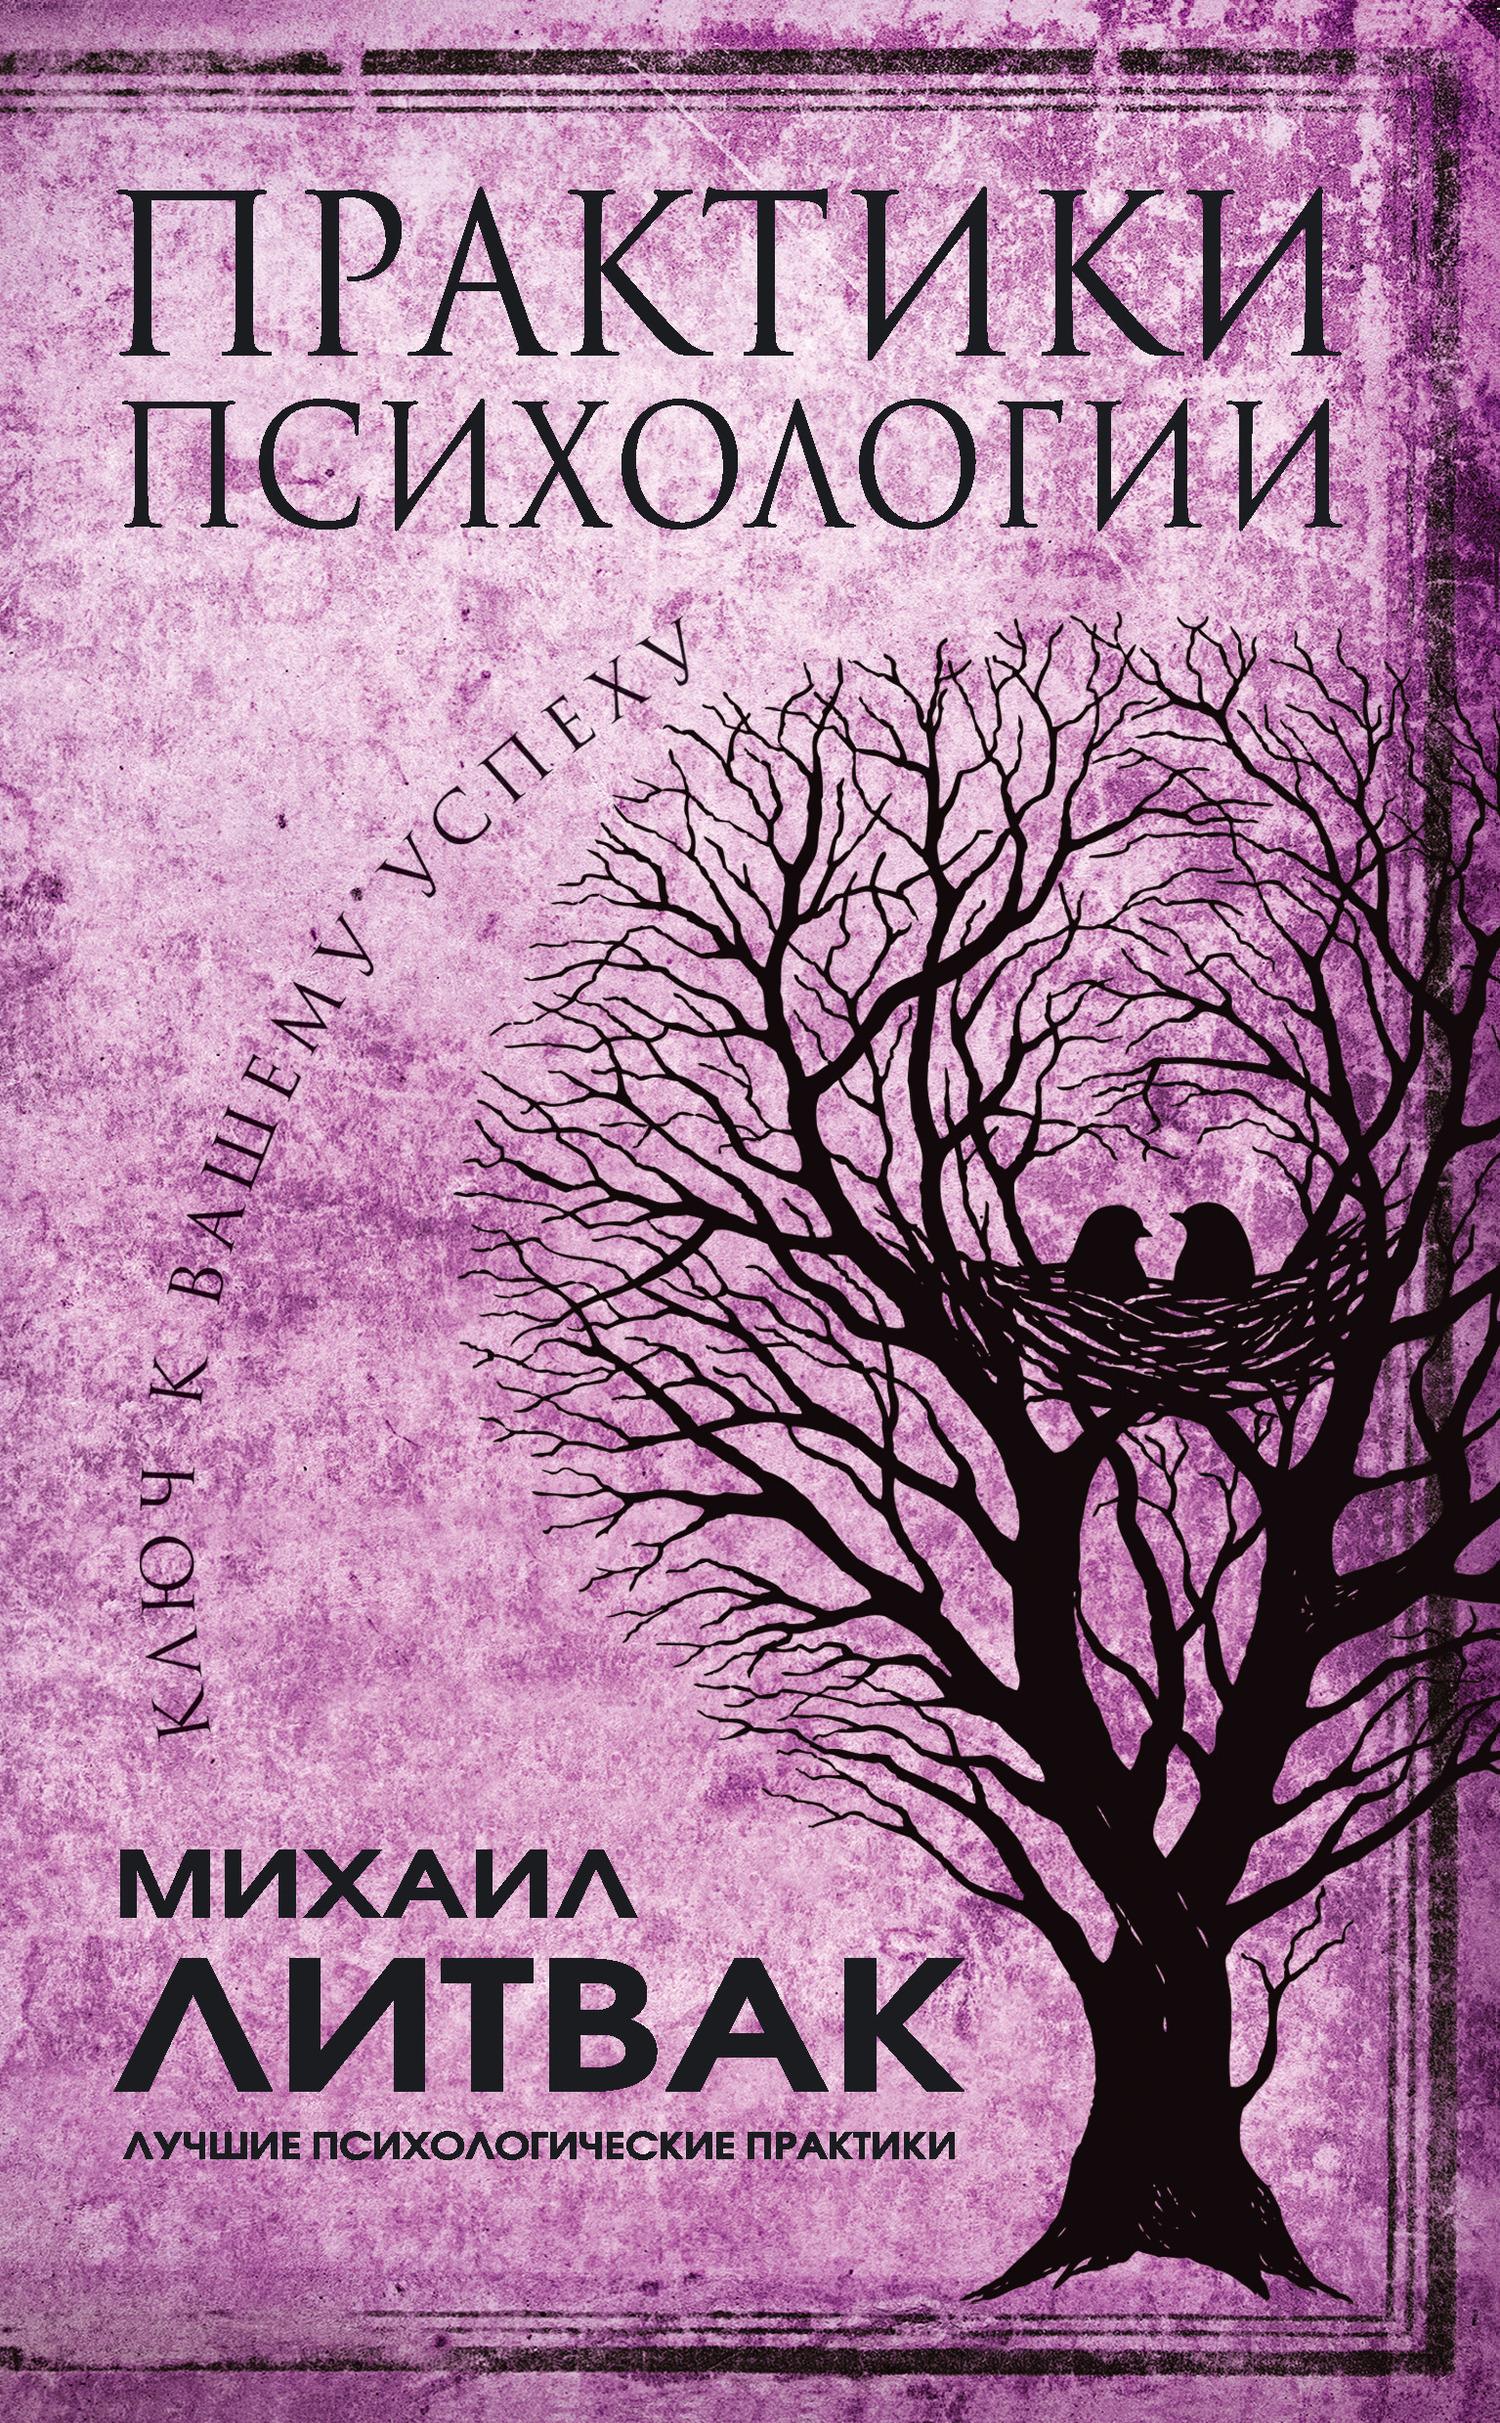 Книга Практики психологии. Ключ к вашему успеху